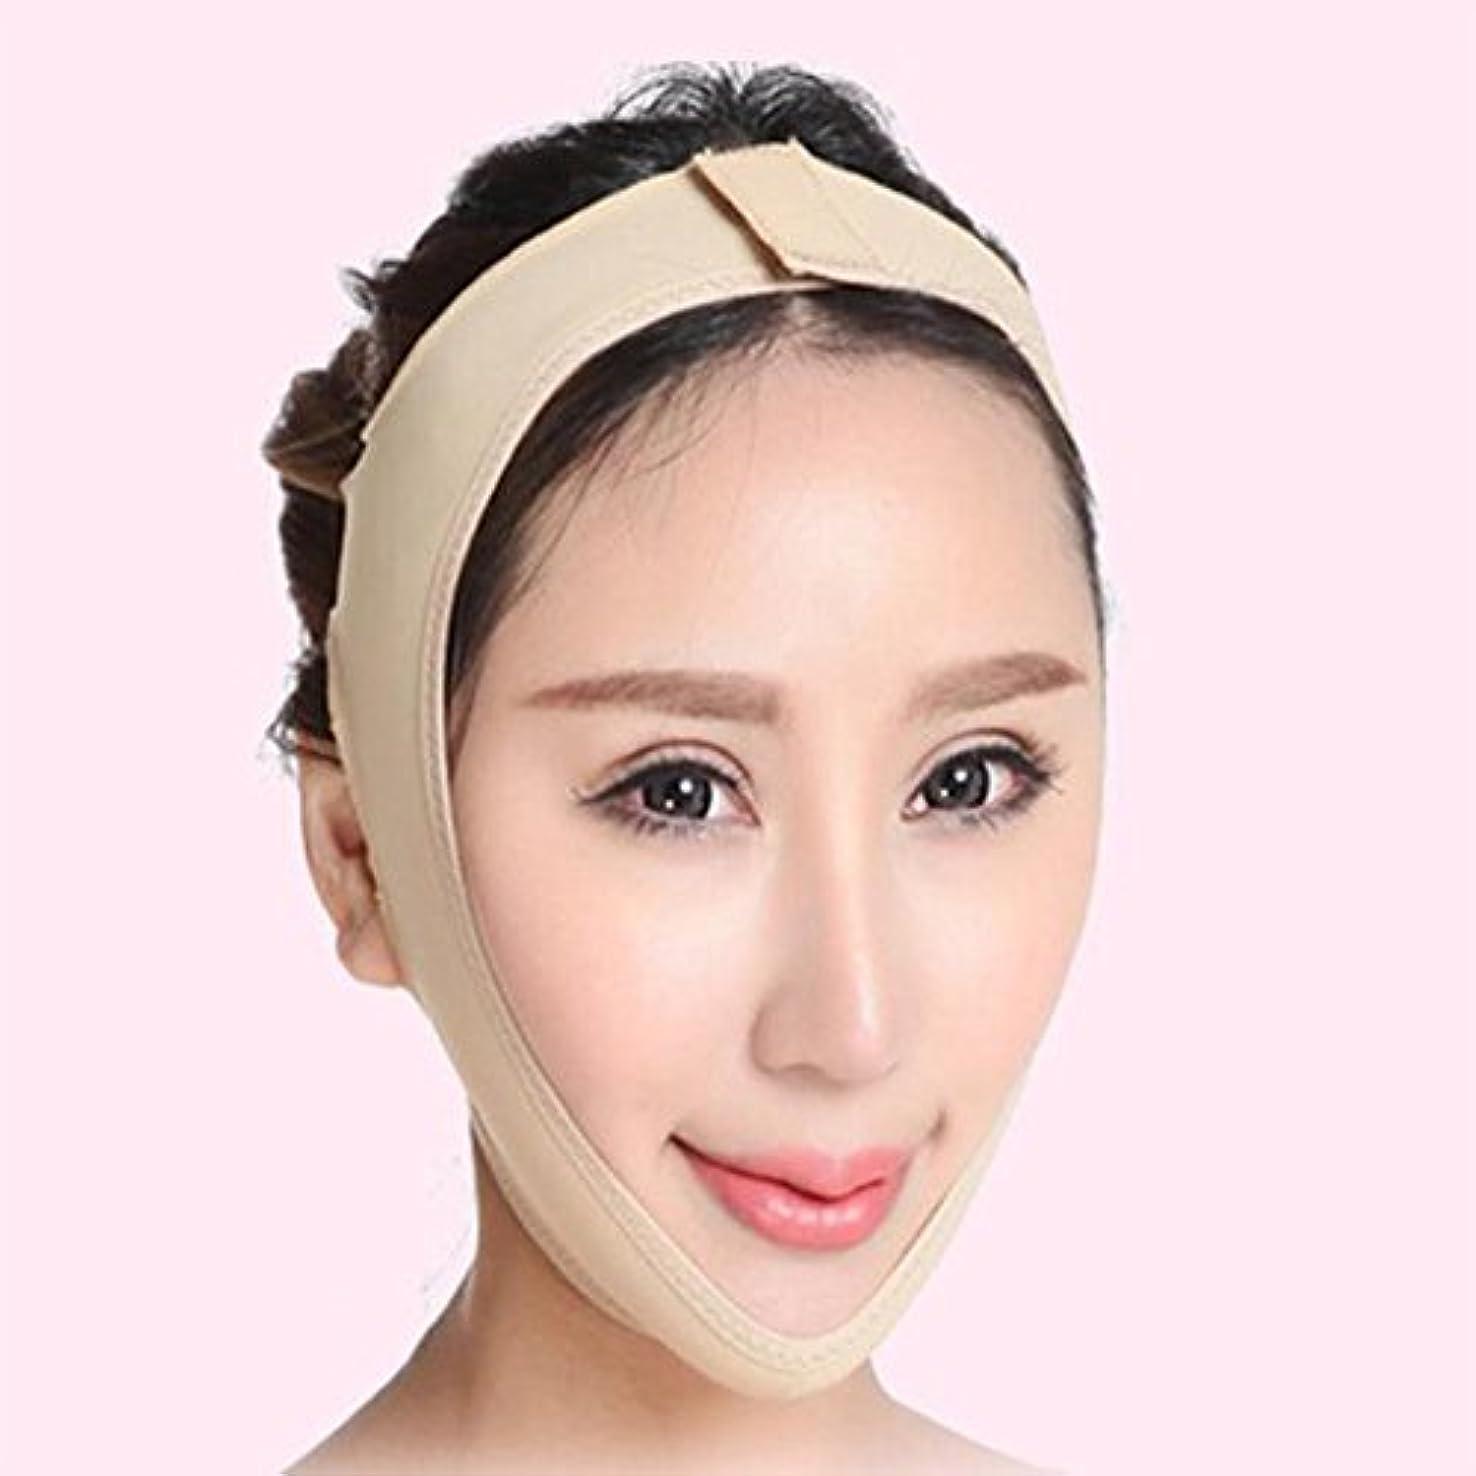 トラフシリーズ過敏なSD 小顔 小顔マスク リフトアップ マスク フェイスライン 矯正 あご シャープ メンズ レディース Sサイズ AZD15003-S